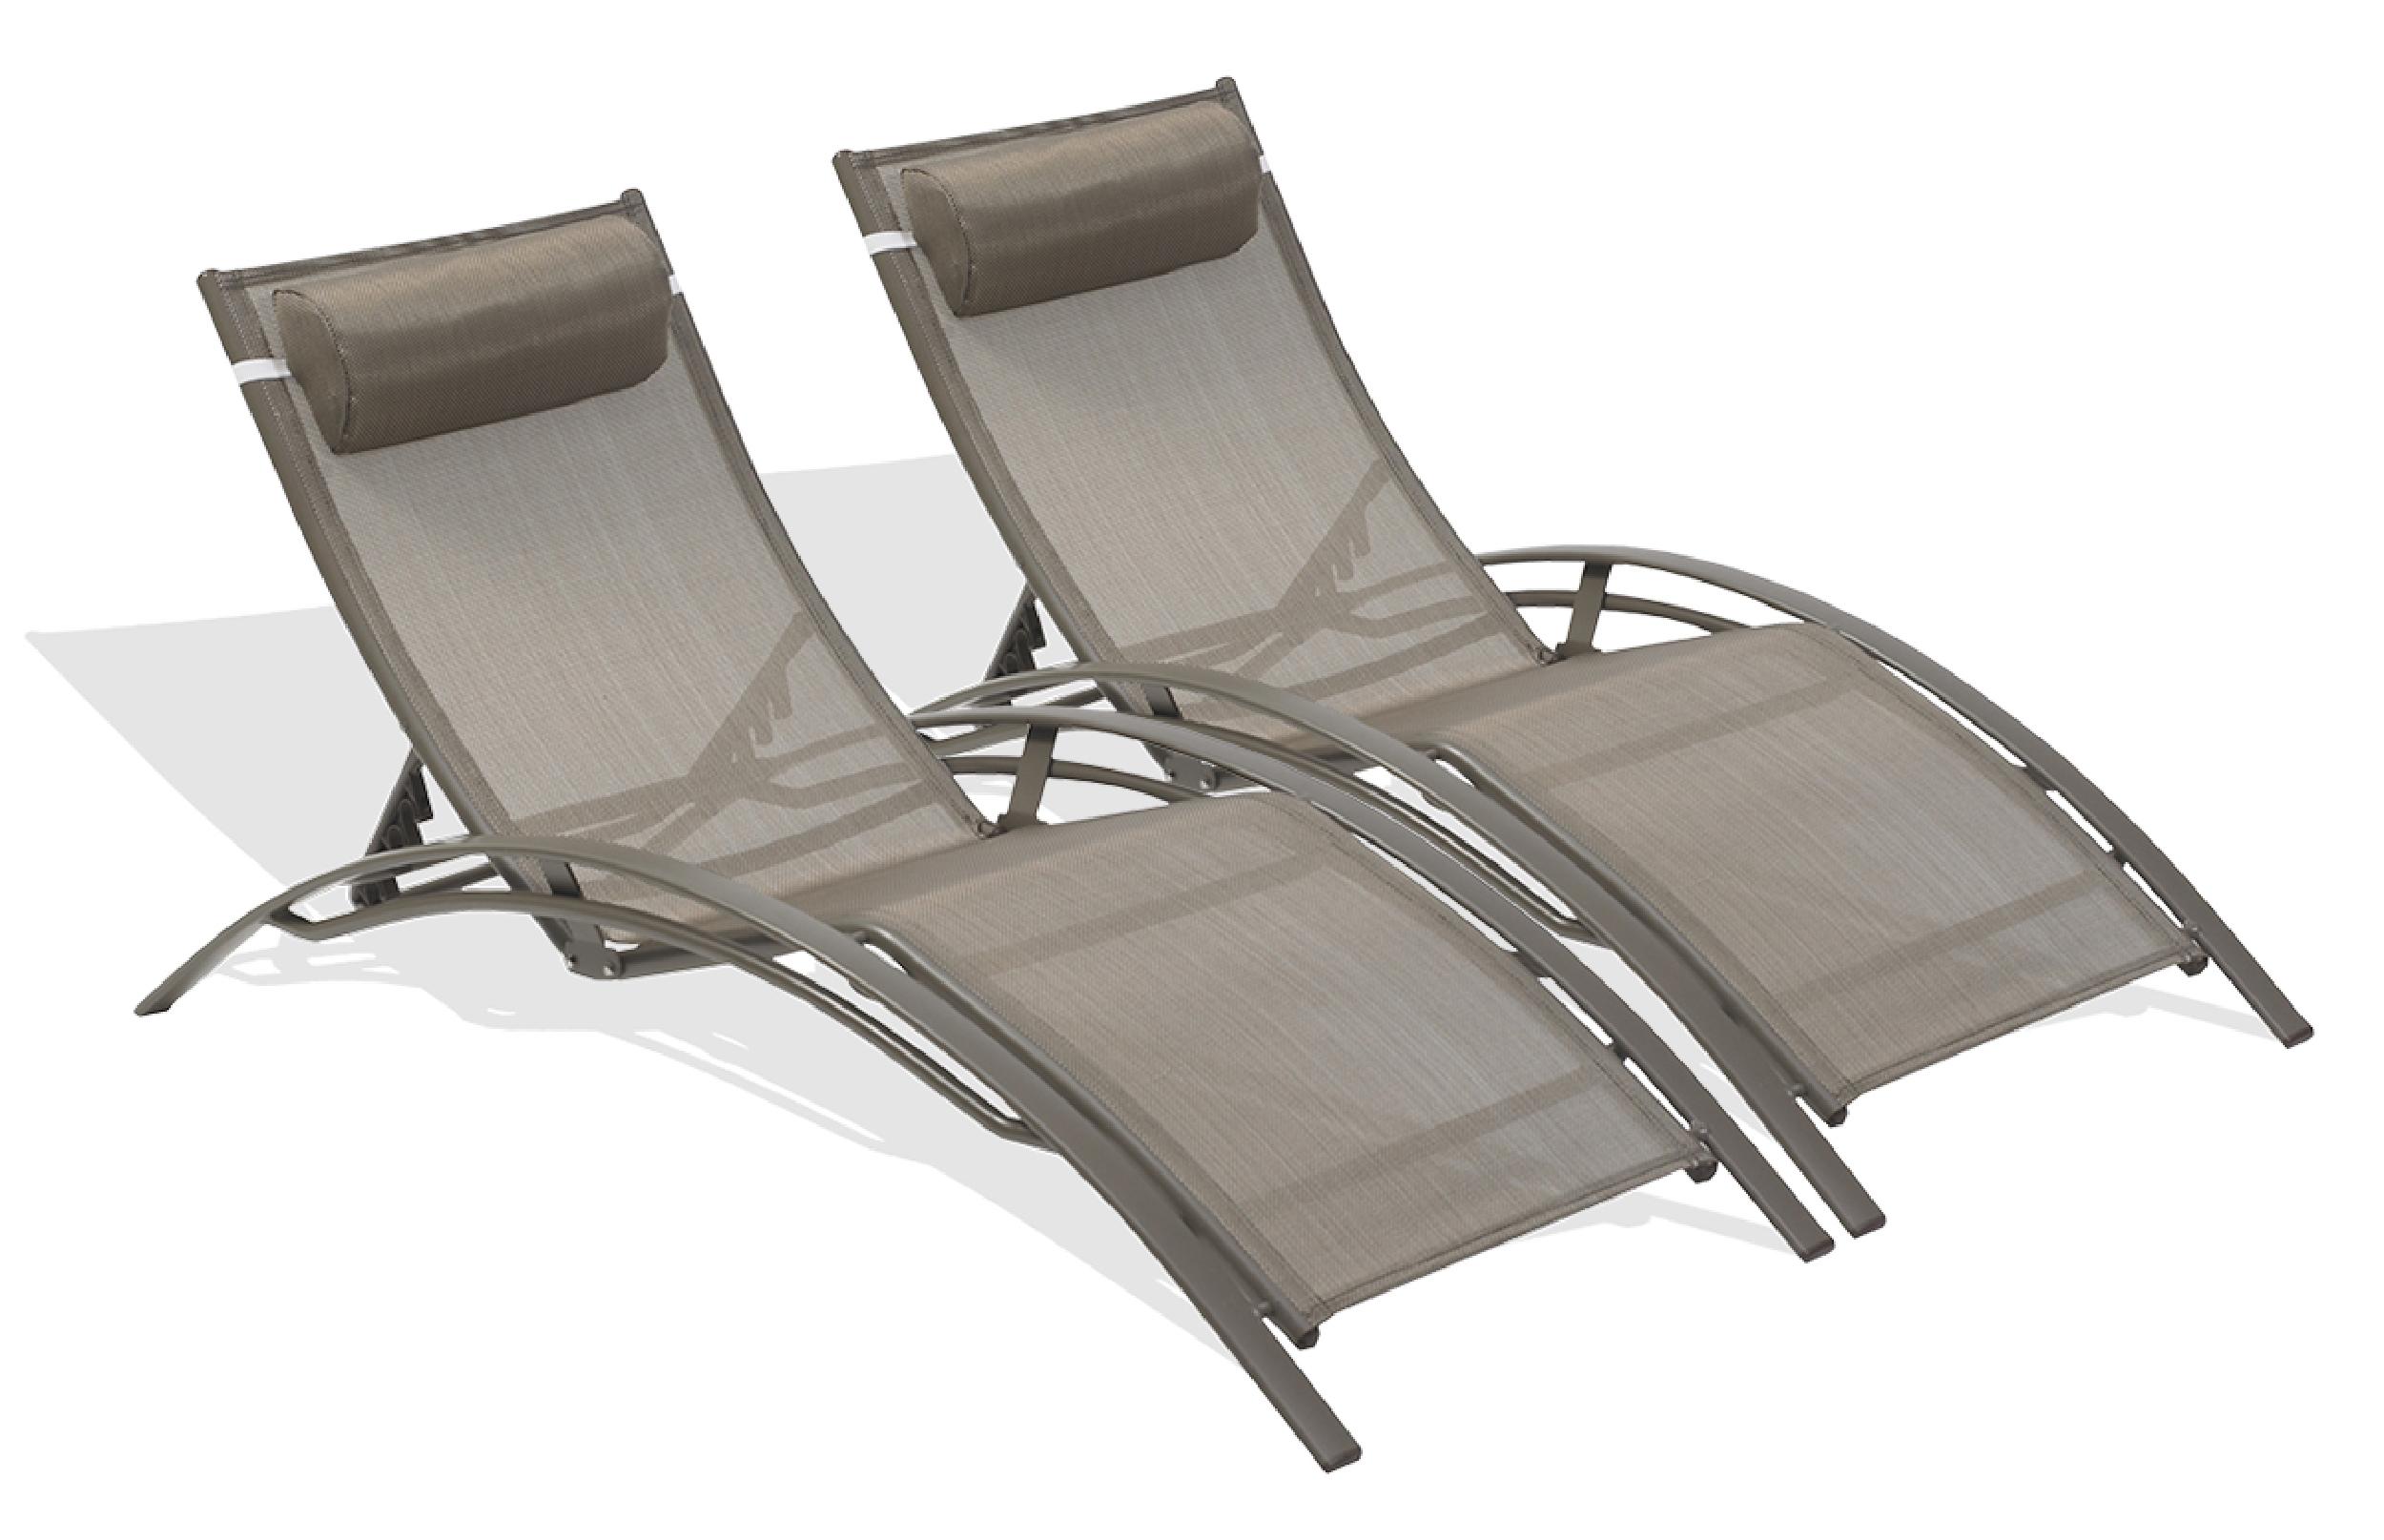 Lot de 2 chaises longues en aluminium et toile plastifiée cappuccino